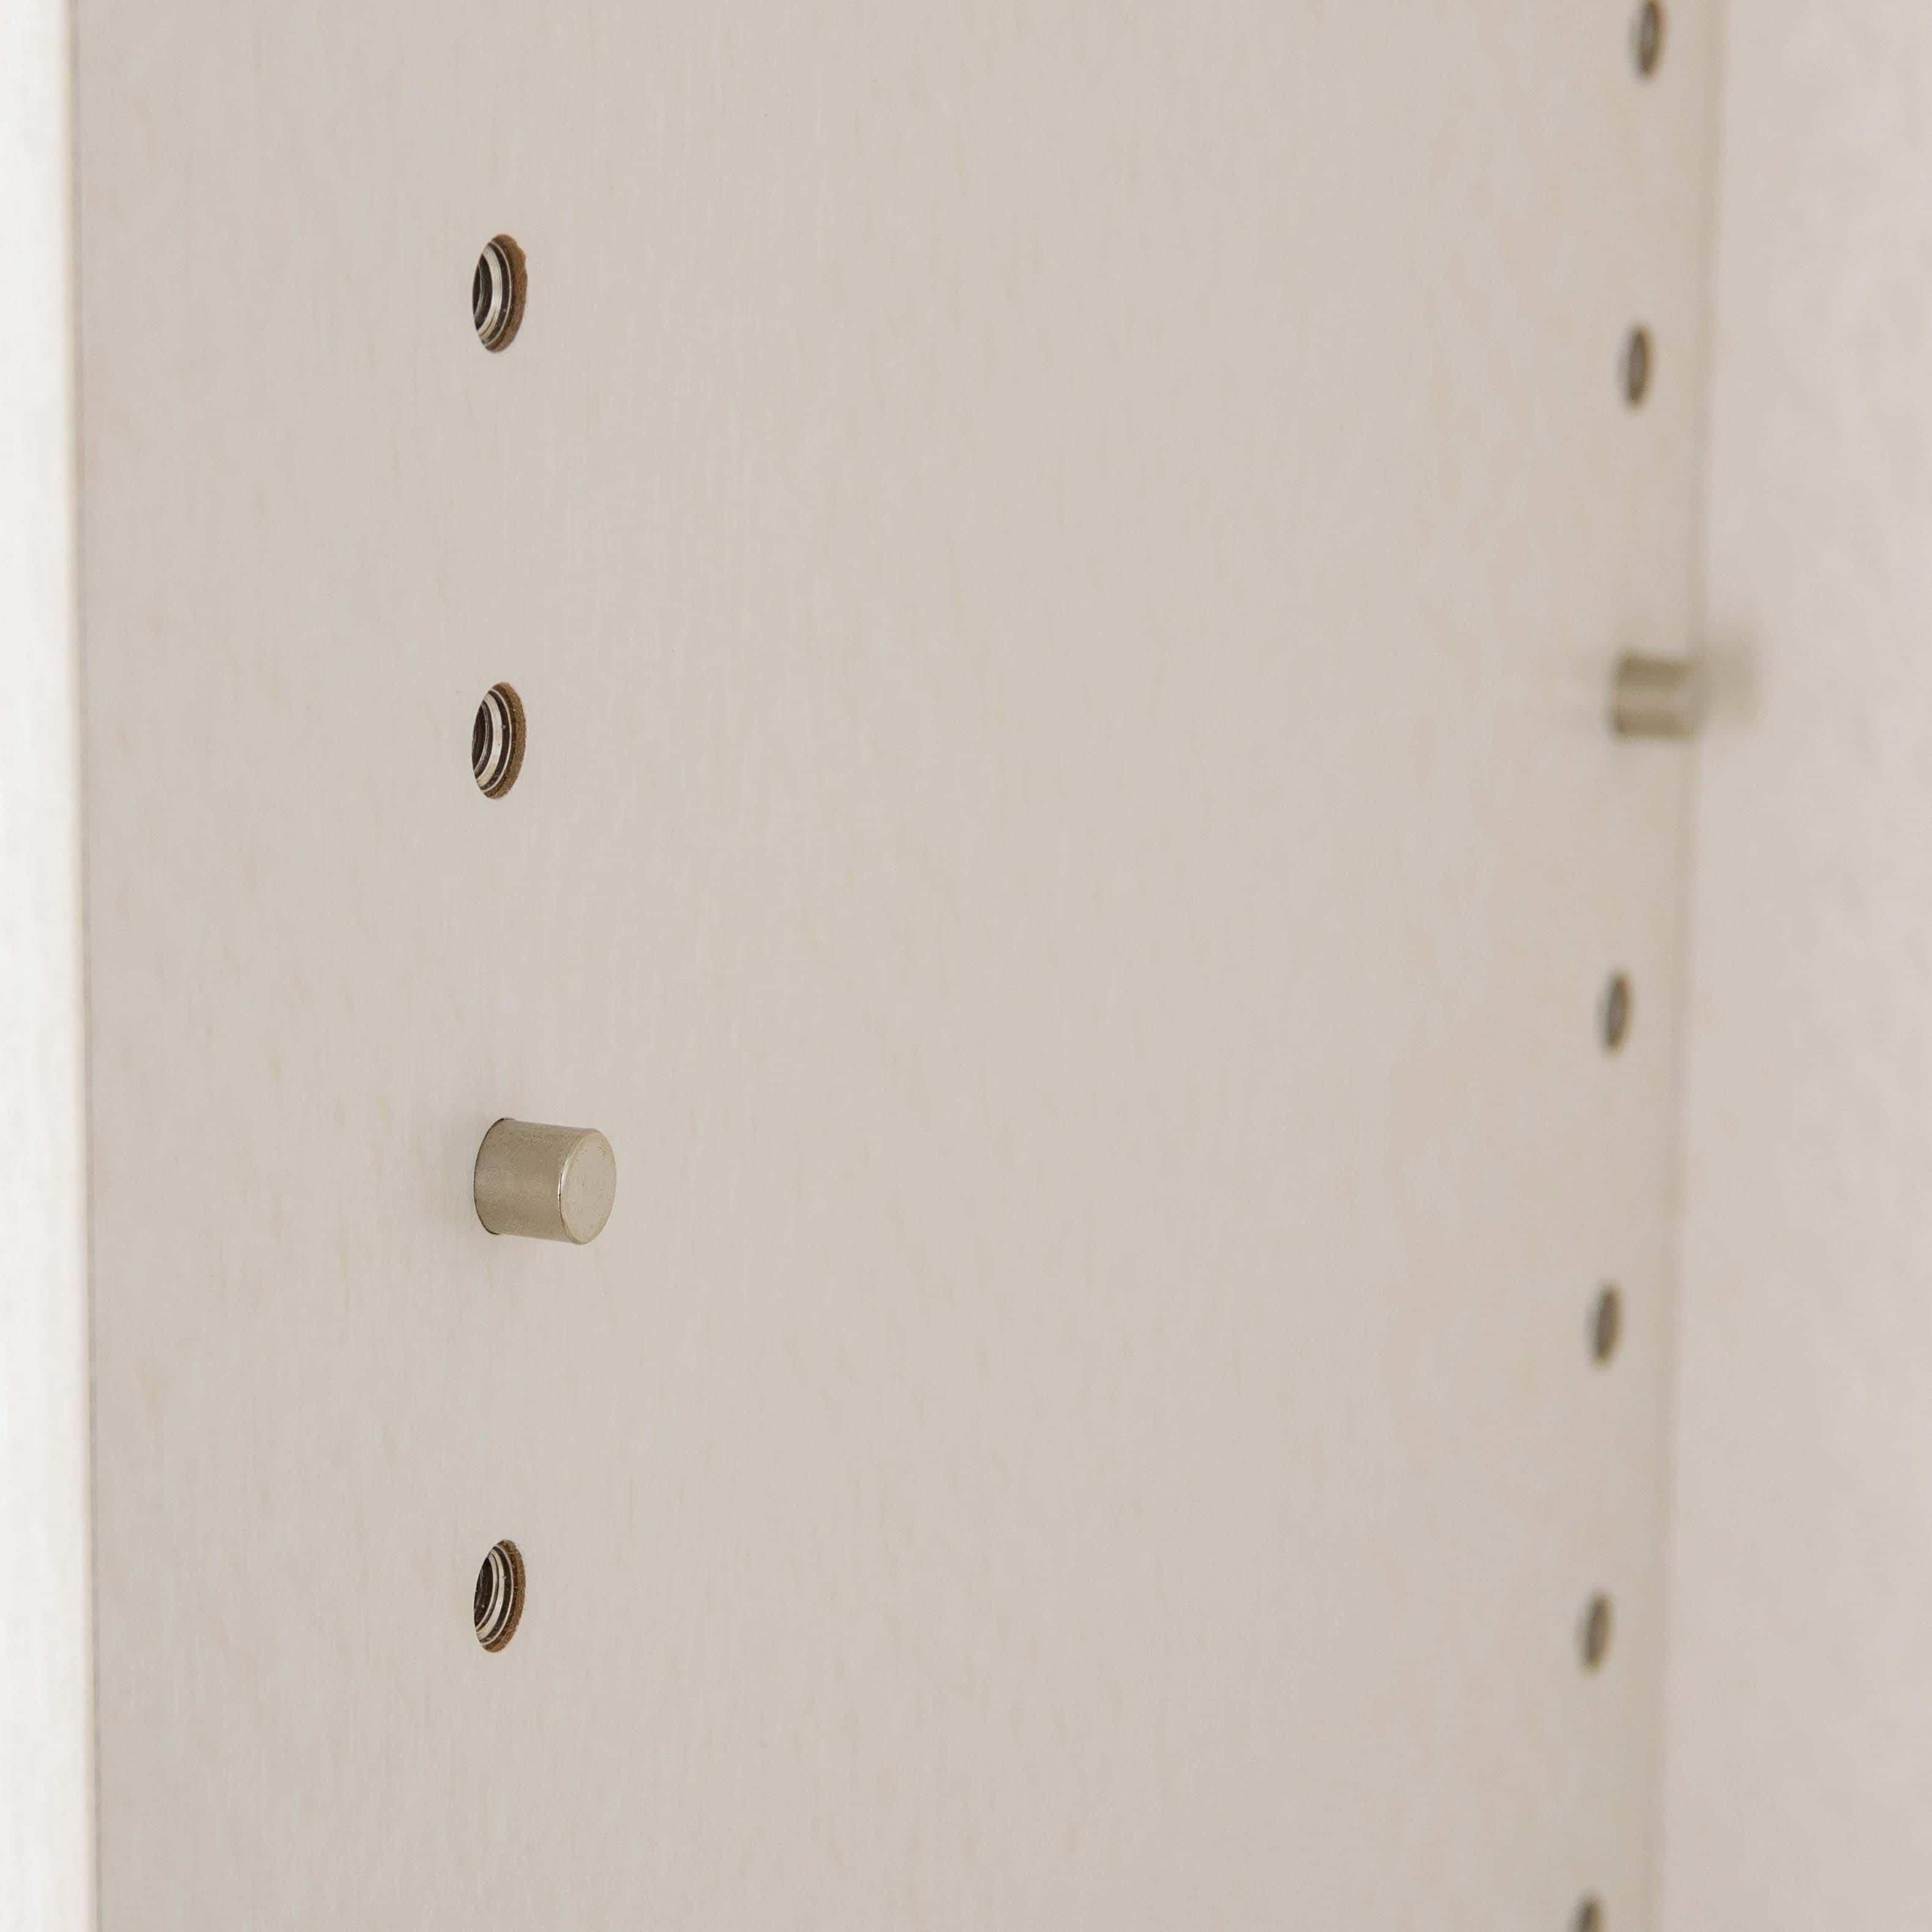 小島工芸 引出 アコード105用(チェリーナチュラル):キレイに収まる魅せる収納